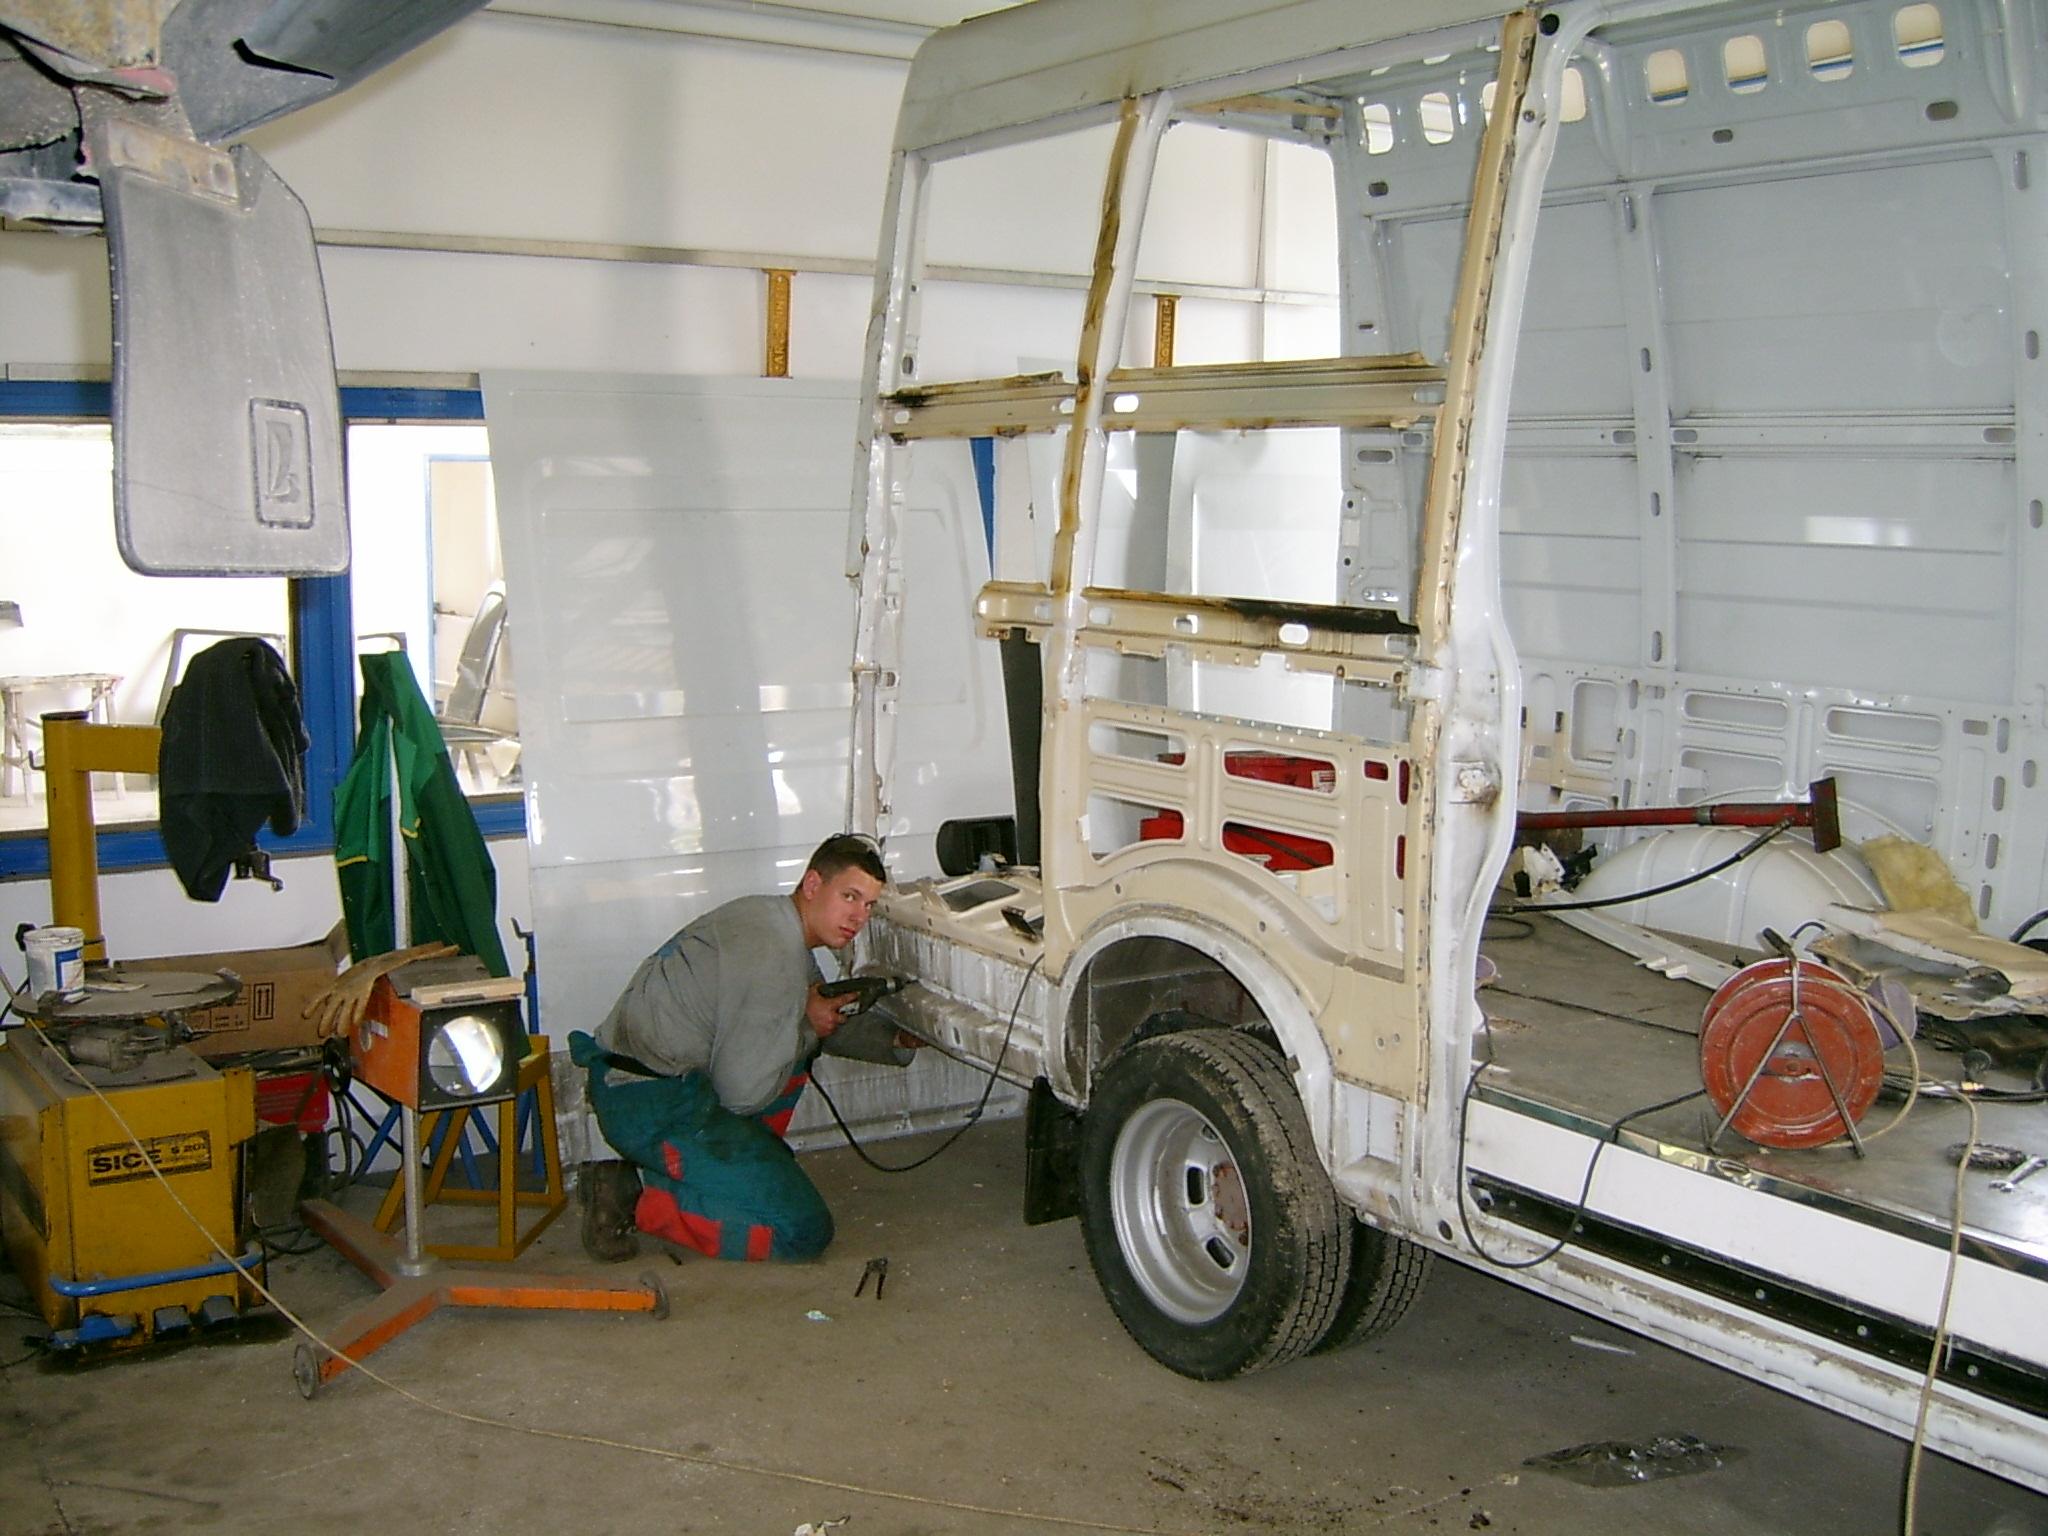 Teljes körű autójavítás kedvező áron? Lehetséges!